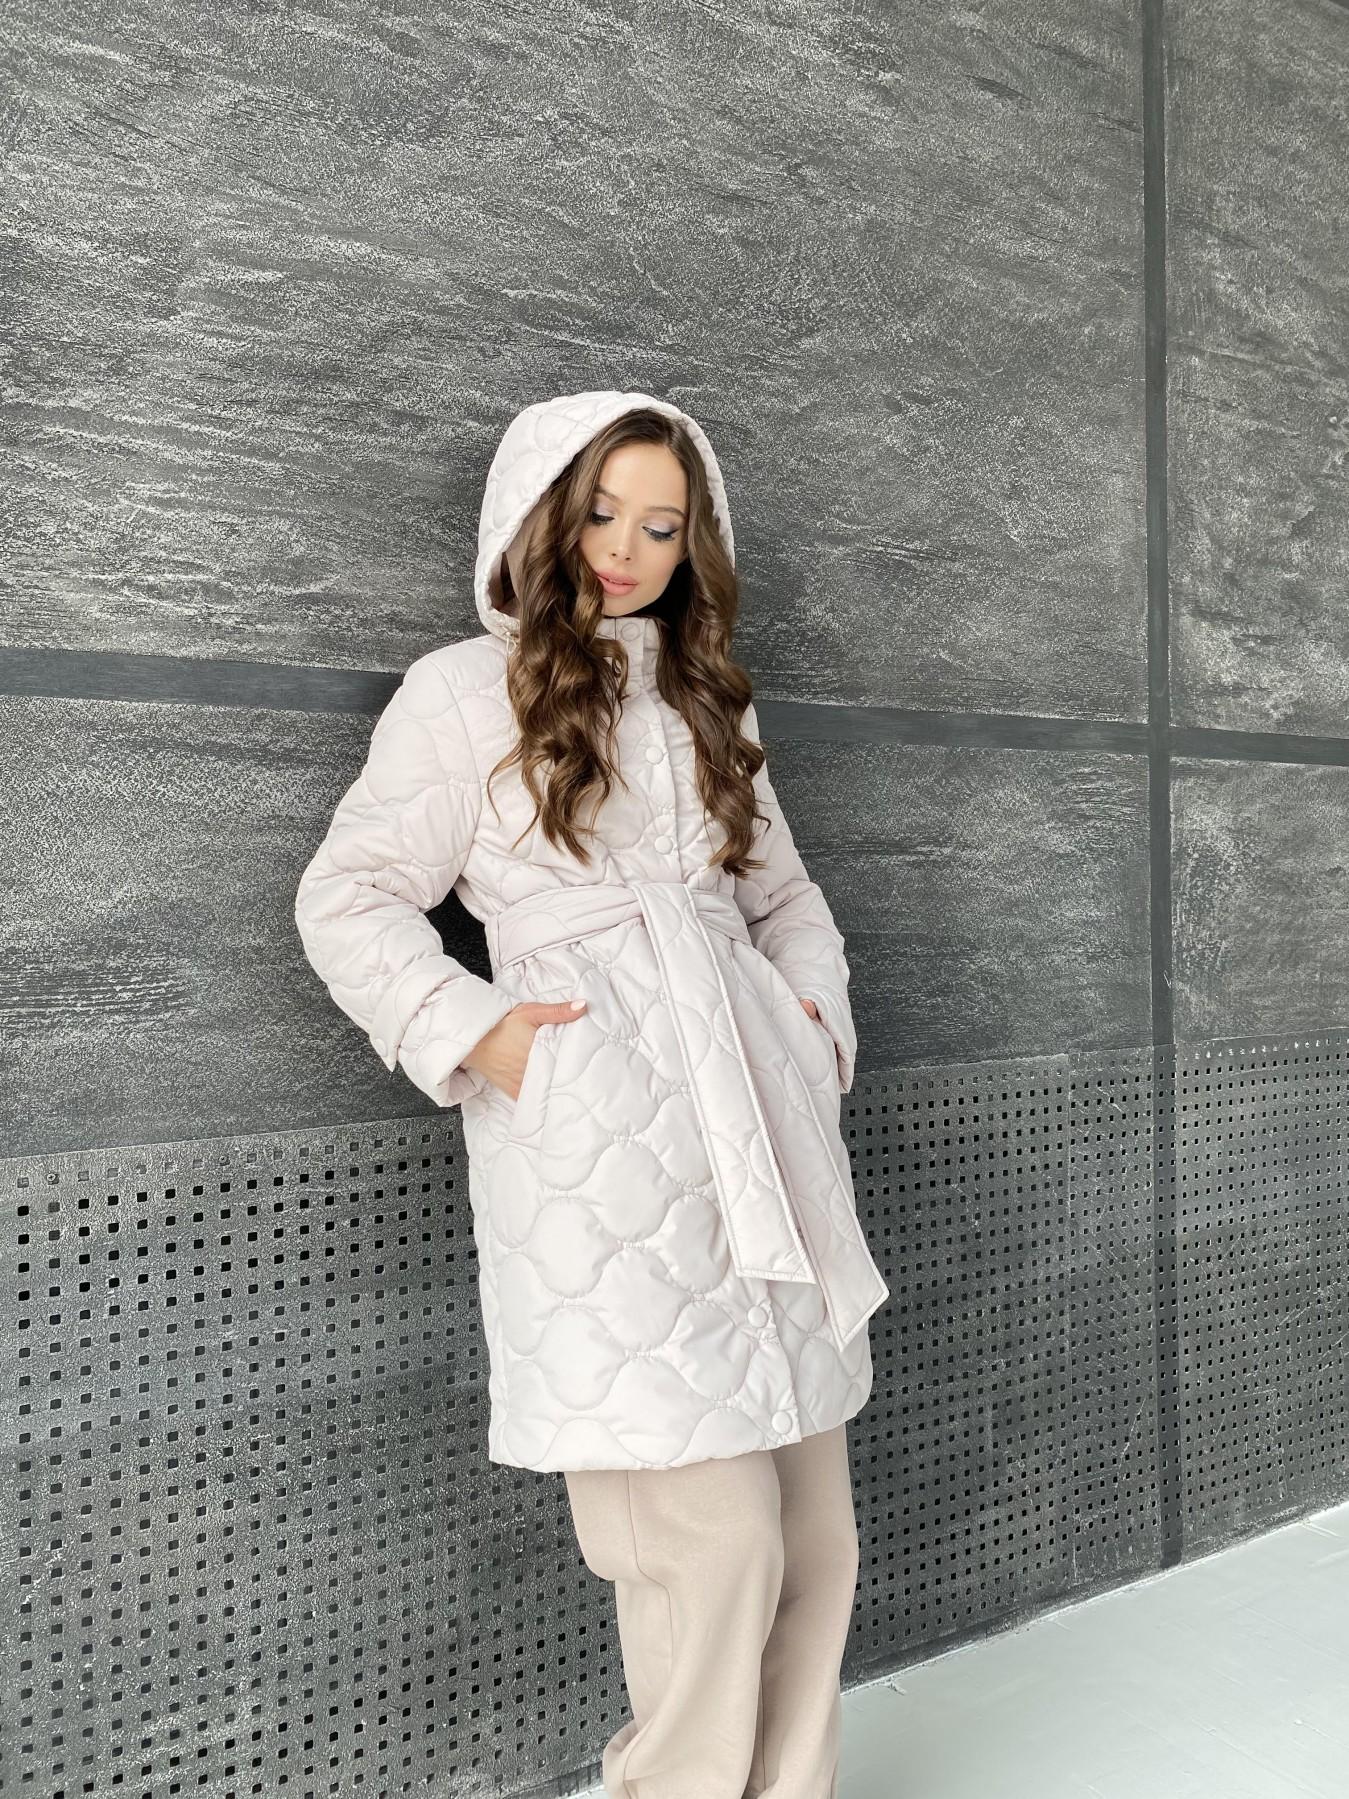 Виза ЗИГЗАГ стеганая куртка из плащевой ткани 11016 АРТ. 47517 Цвет: Бежевый 970 - фото 9, интернет магазин tm-modus.ru